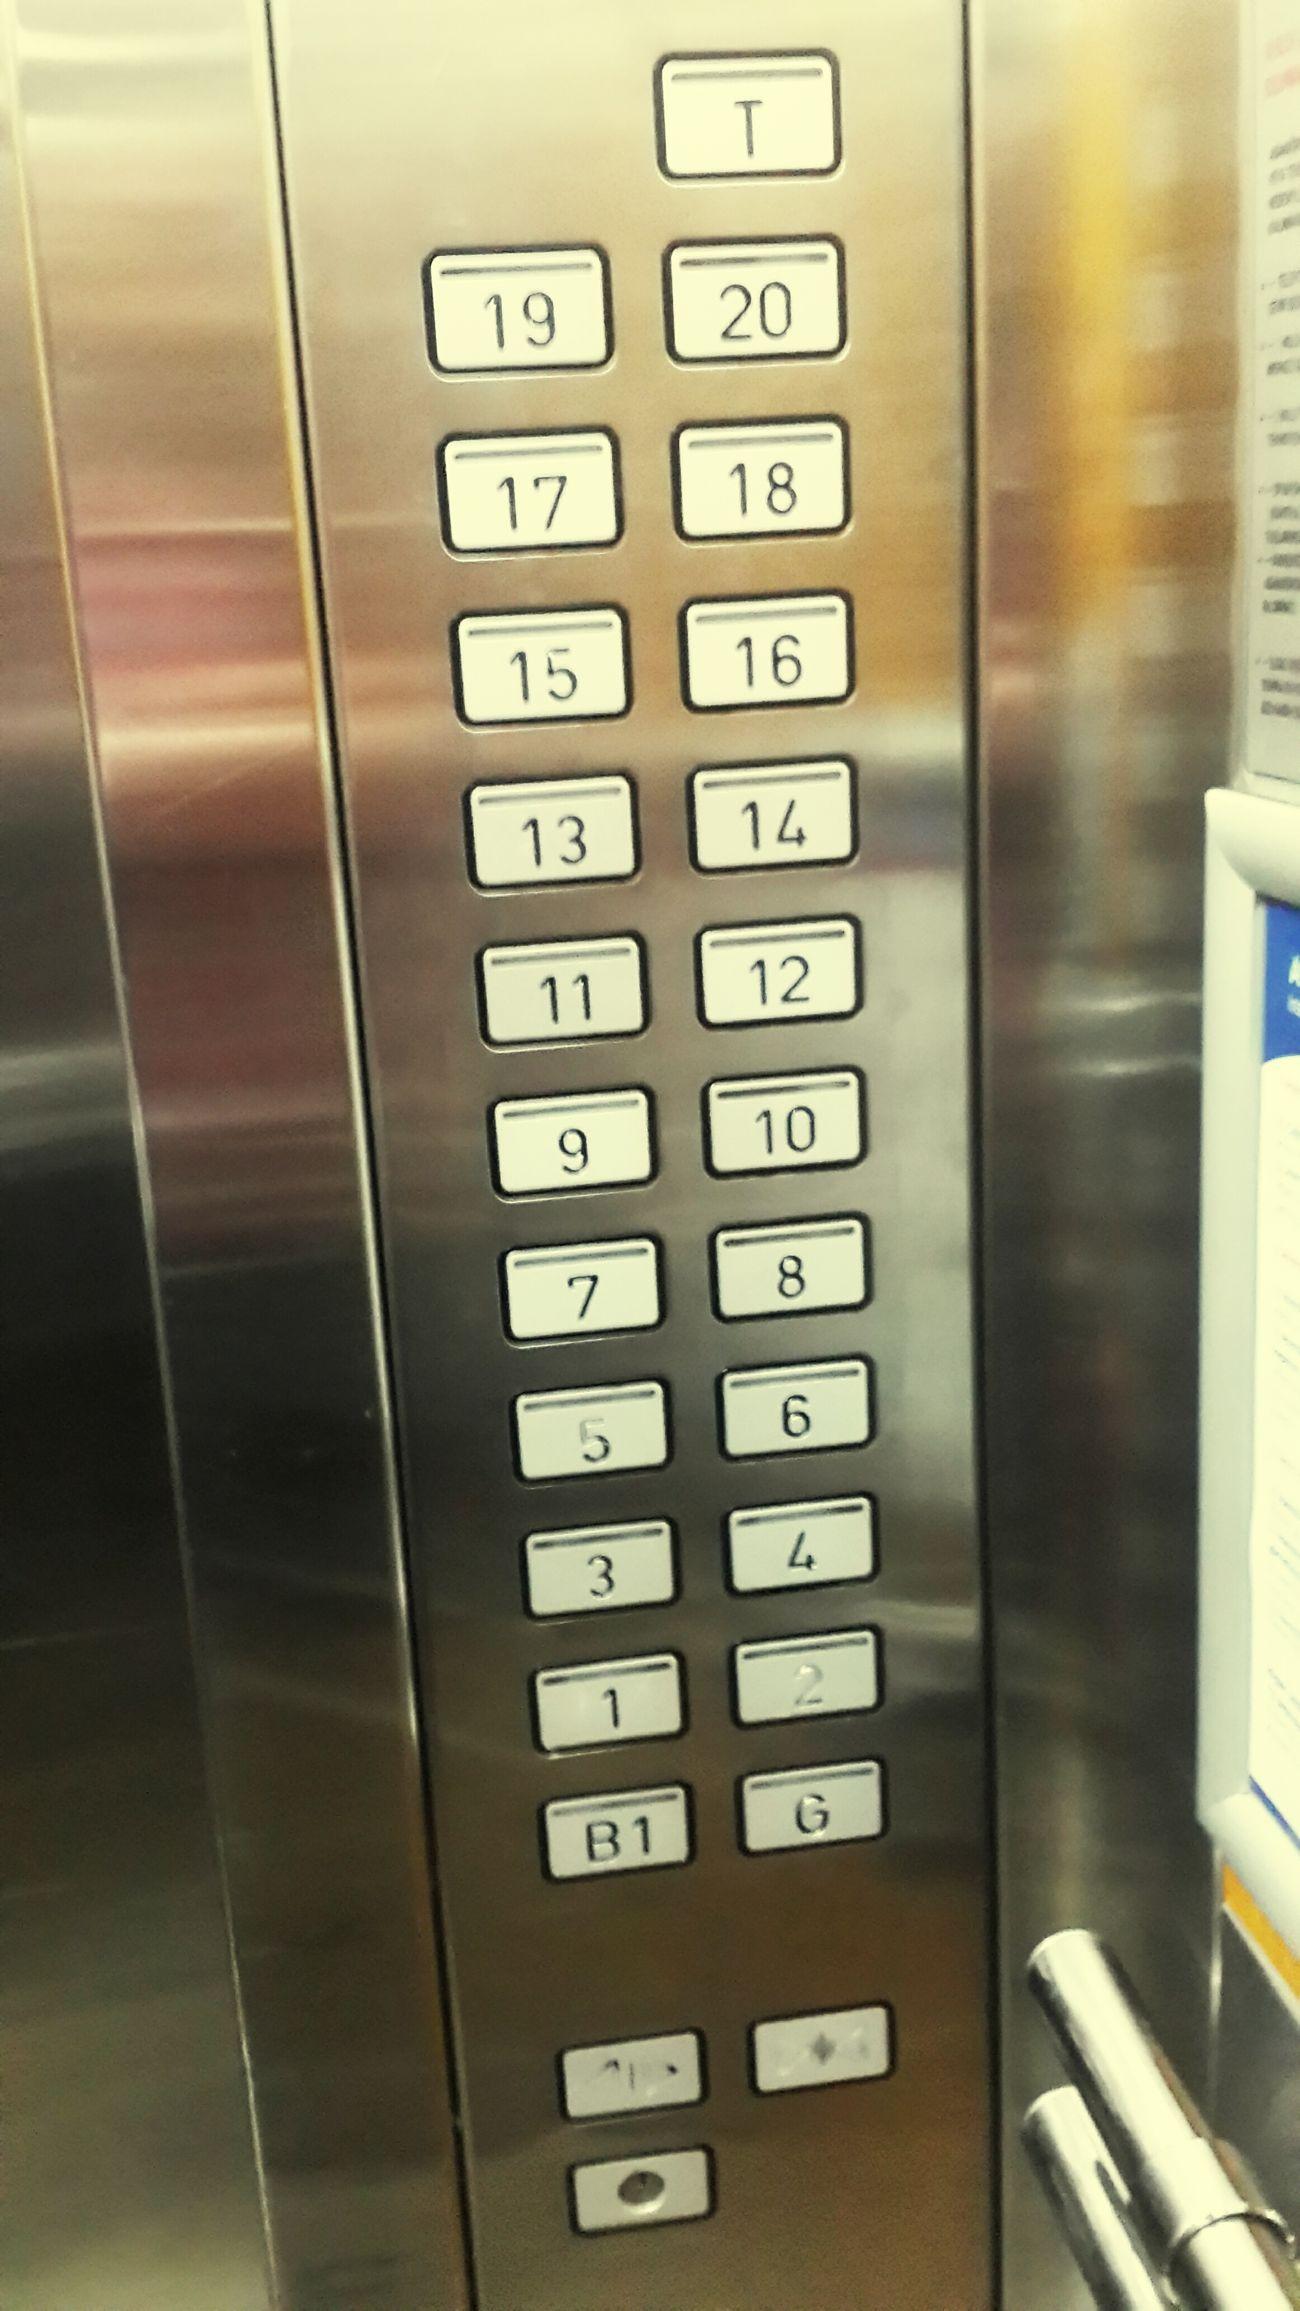 Asansör'ü icad eden adam Tekrar Teşekkürler :)